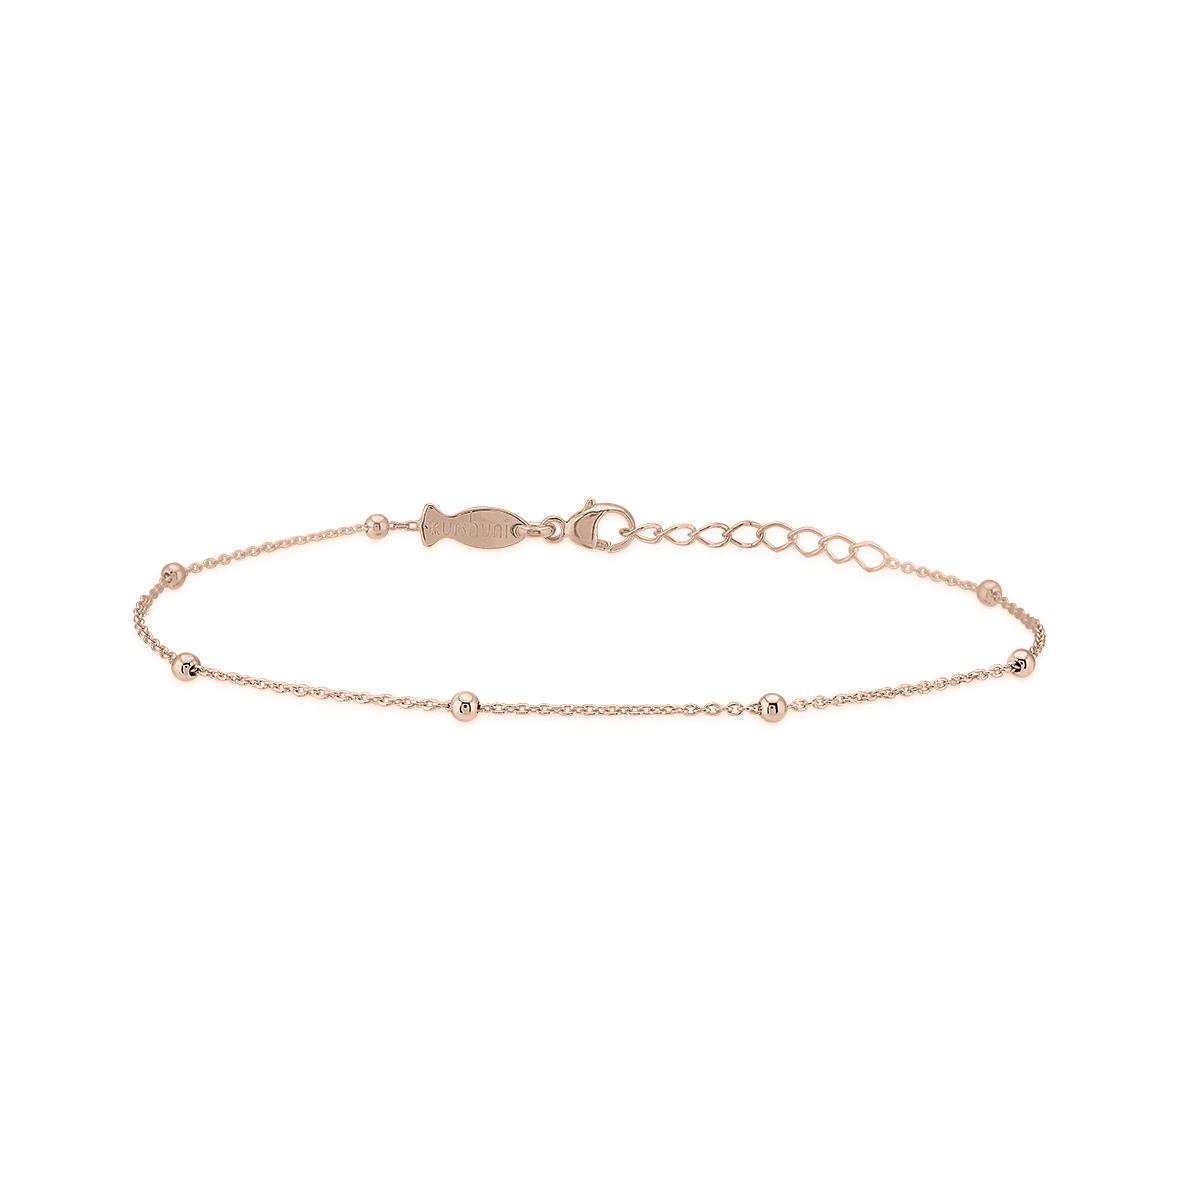 code promo 35e41 a99b6 Bracelet Chaine Boule Plaqué Or Rose